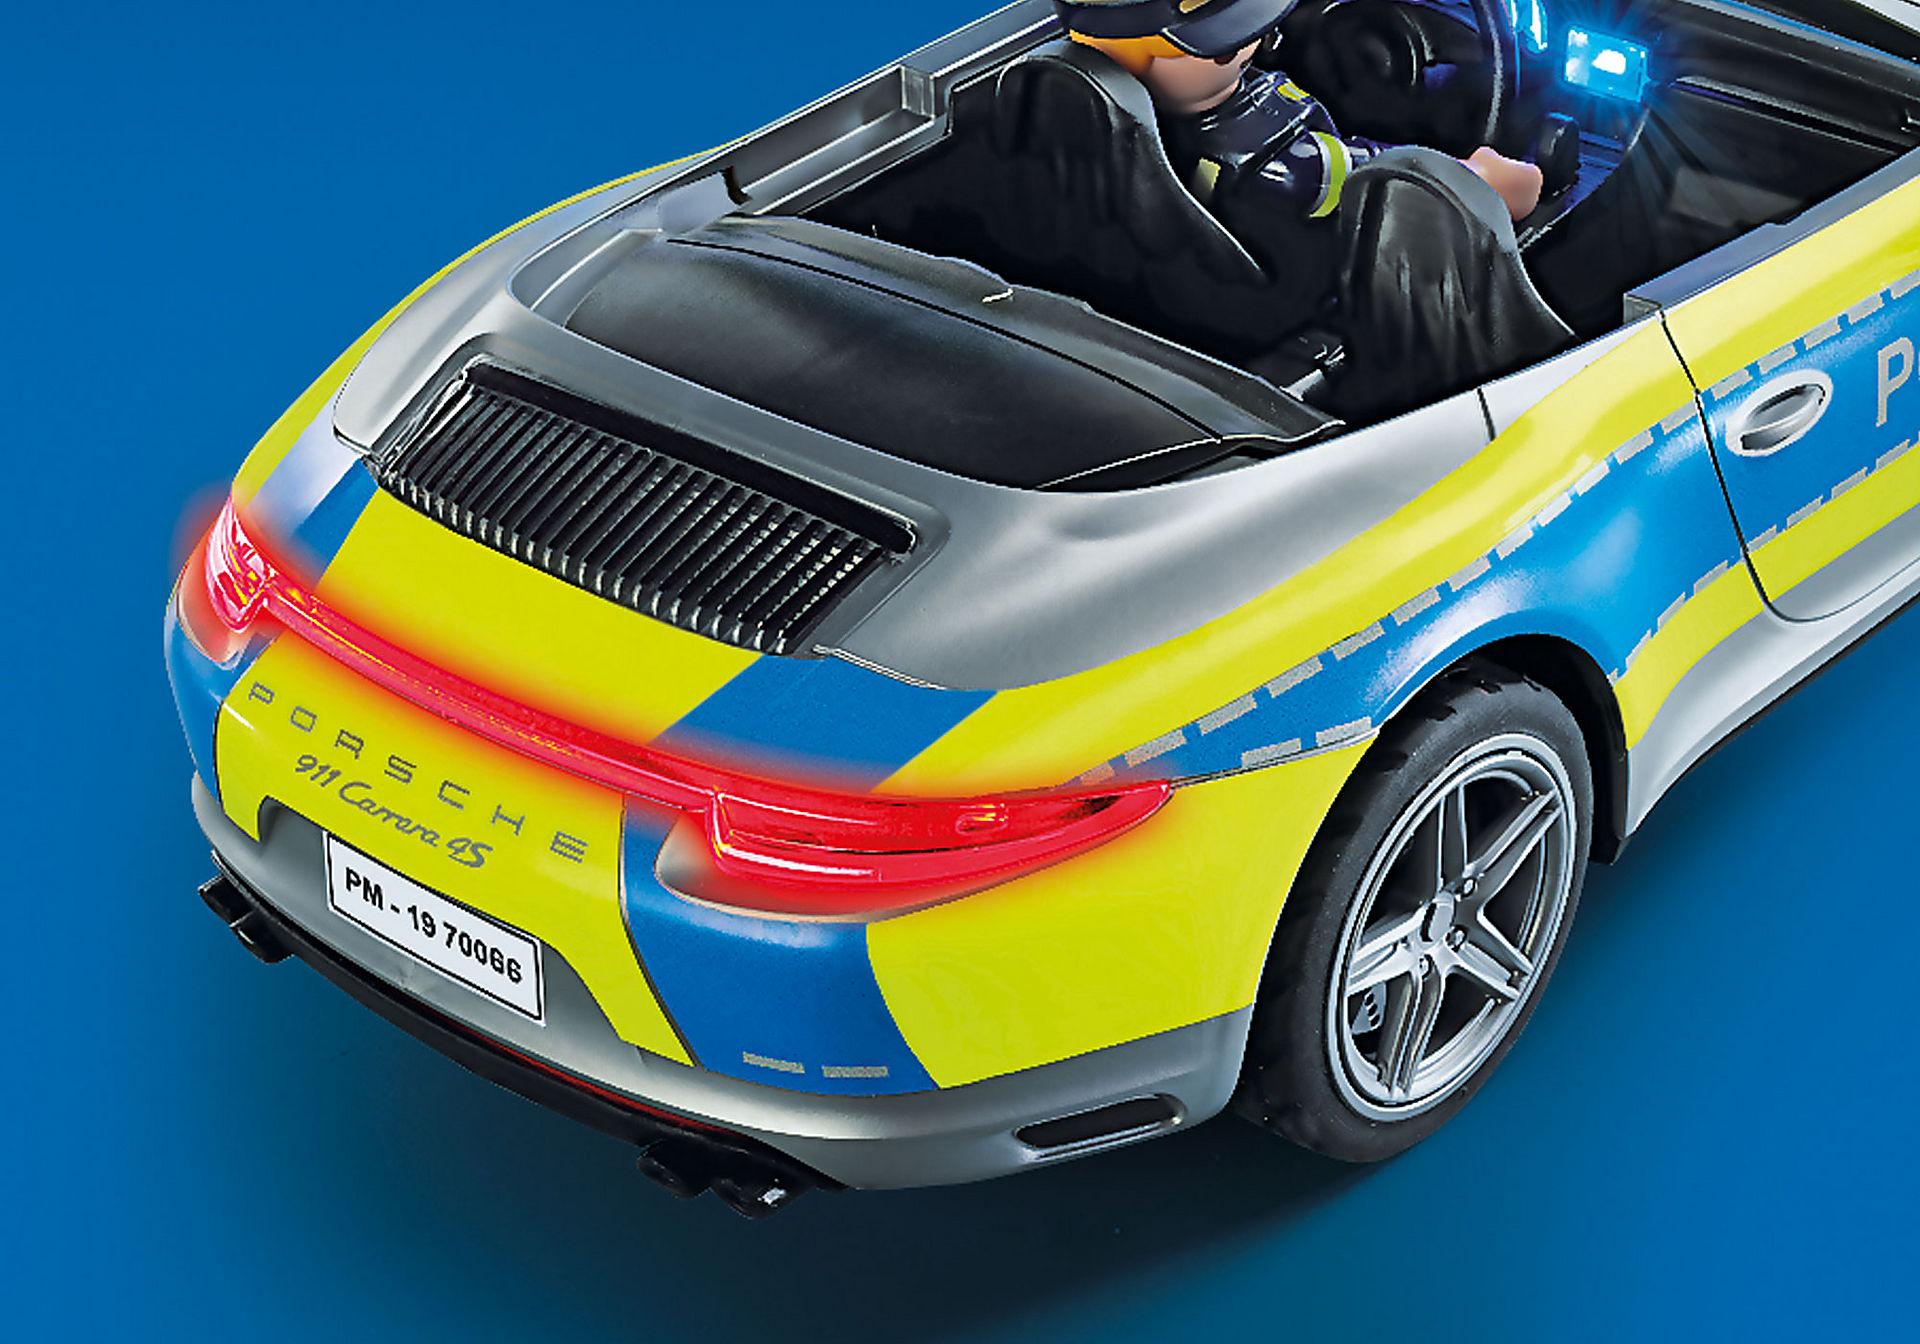 70066 Porsche 911 Carrera 4S Police - White zoom image6